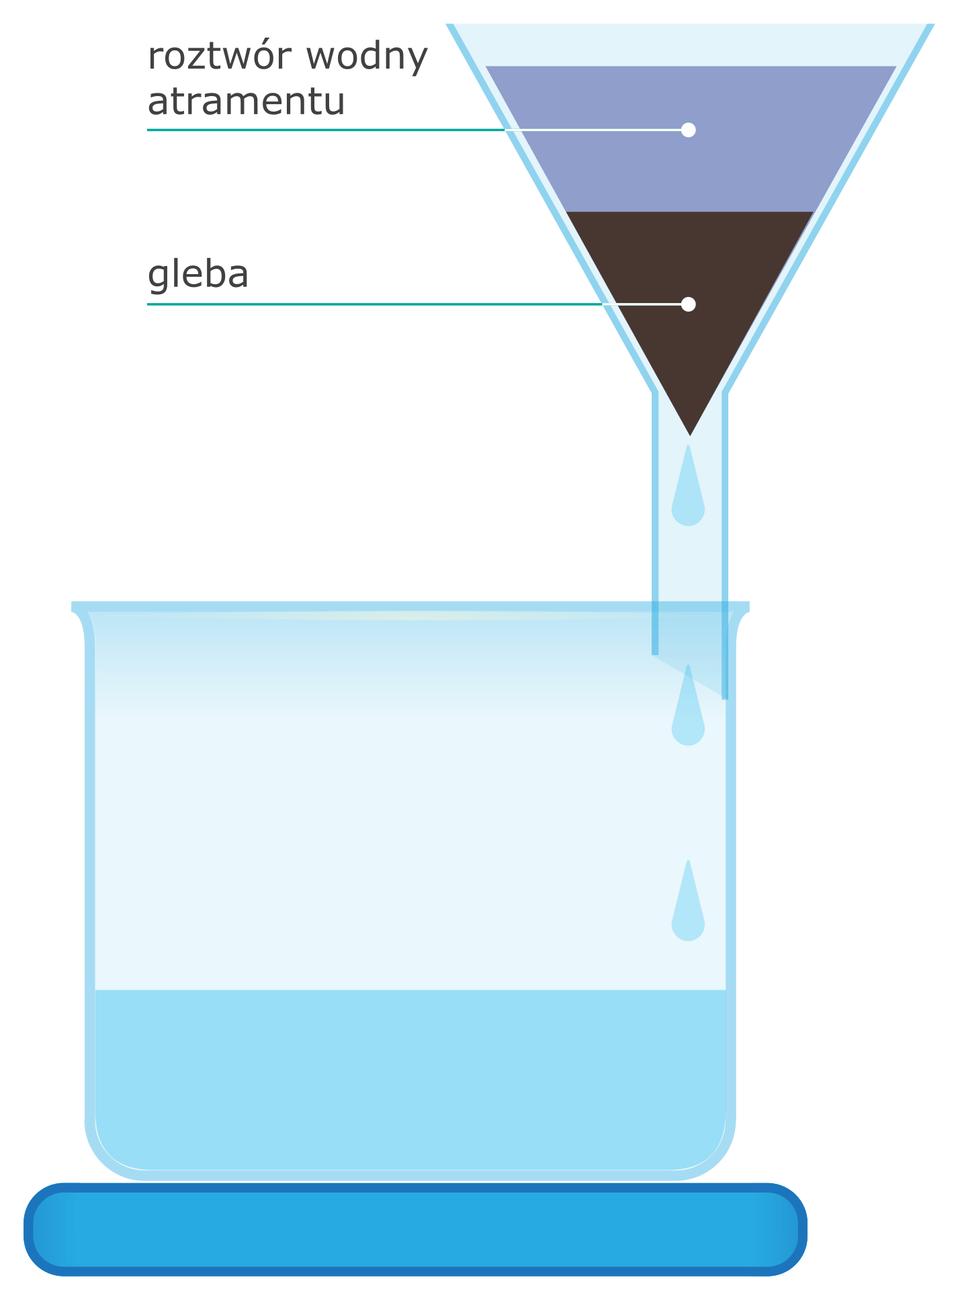 Gleba ma właściwości sorpcyjne. Dzięki temu ma zdolność do pochłaniania gazów zpowietrza, cząsteczek lub jonów zroztworów oraz mikroorganizmów idrobnych cząstek zzawiesin (właściwości sorpcyjne gleby można zaobserwować, przeprowadzając prosty eksperyment – rysunek)